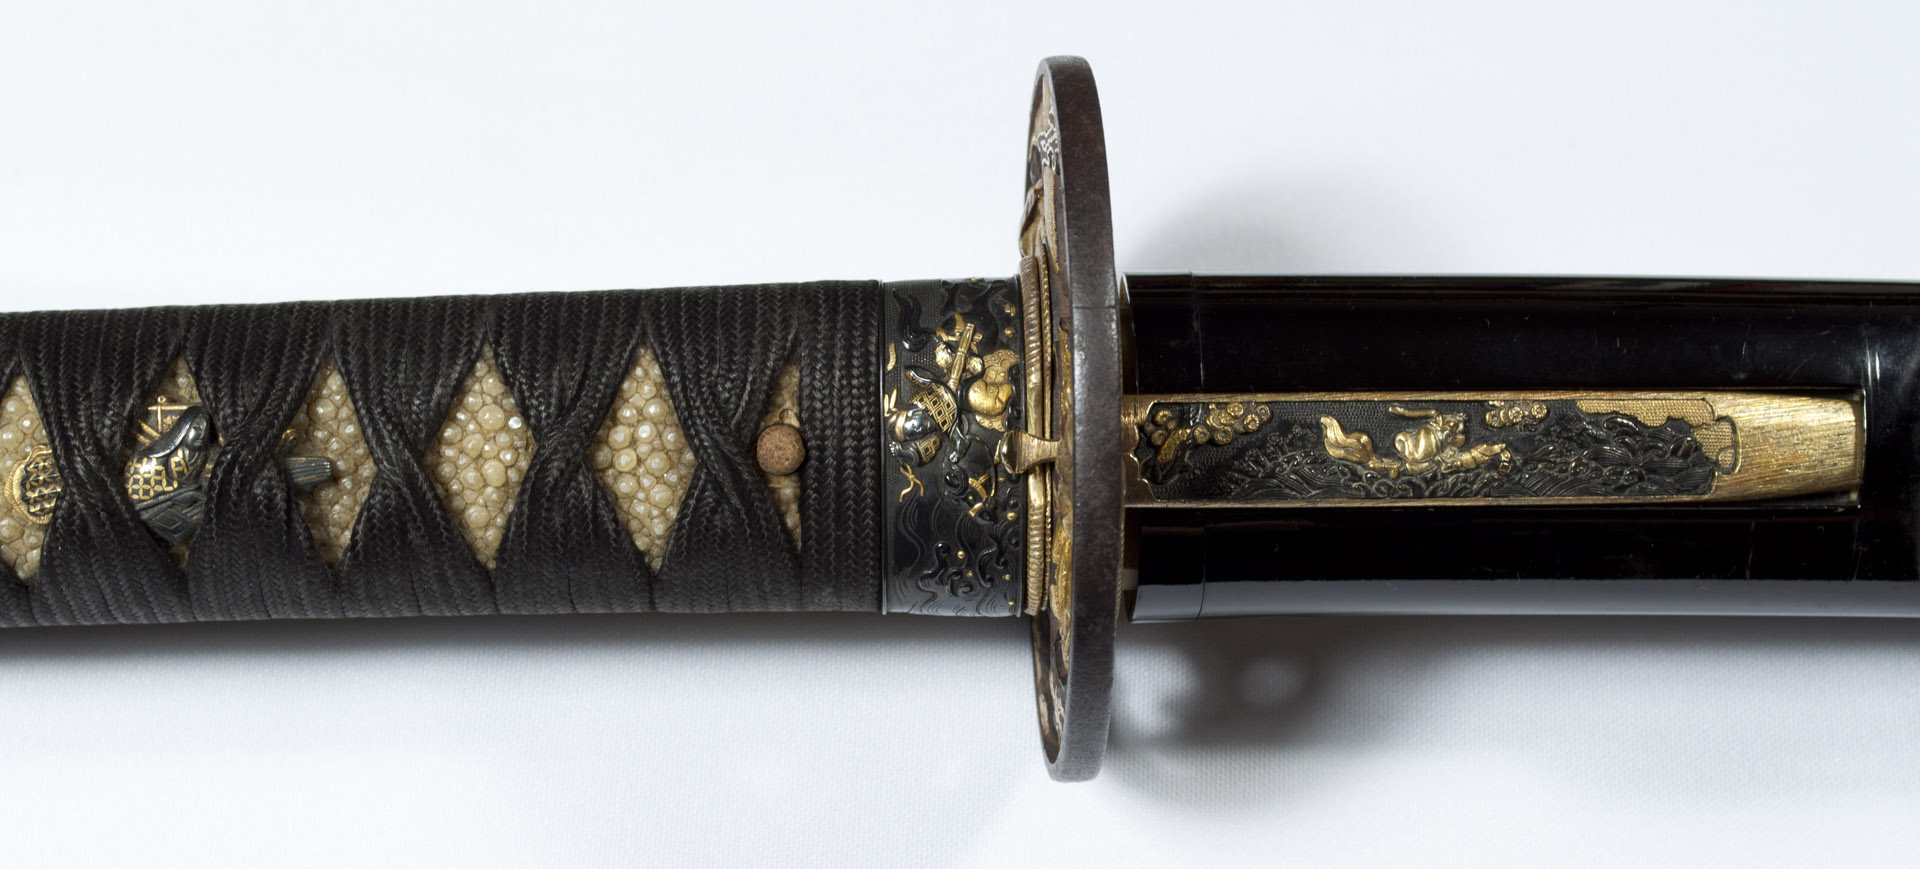 Tsunahiro katana sabre japonais koshirae (2)